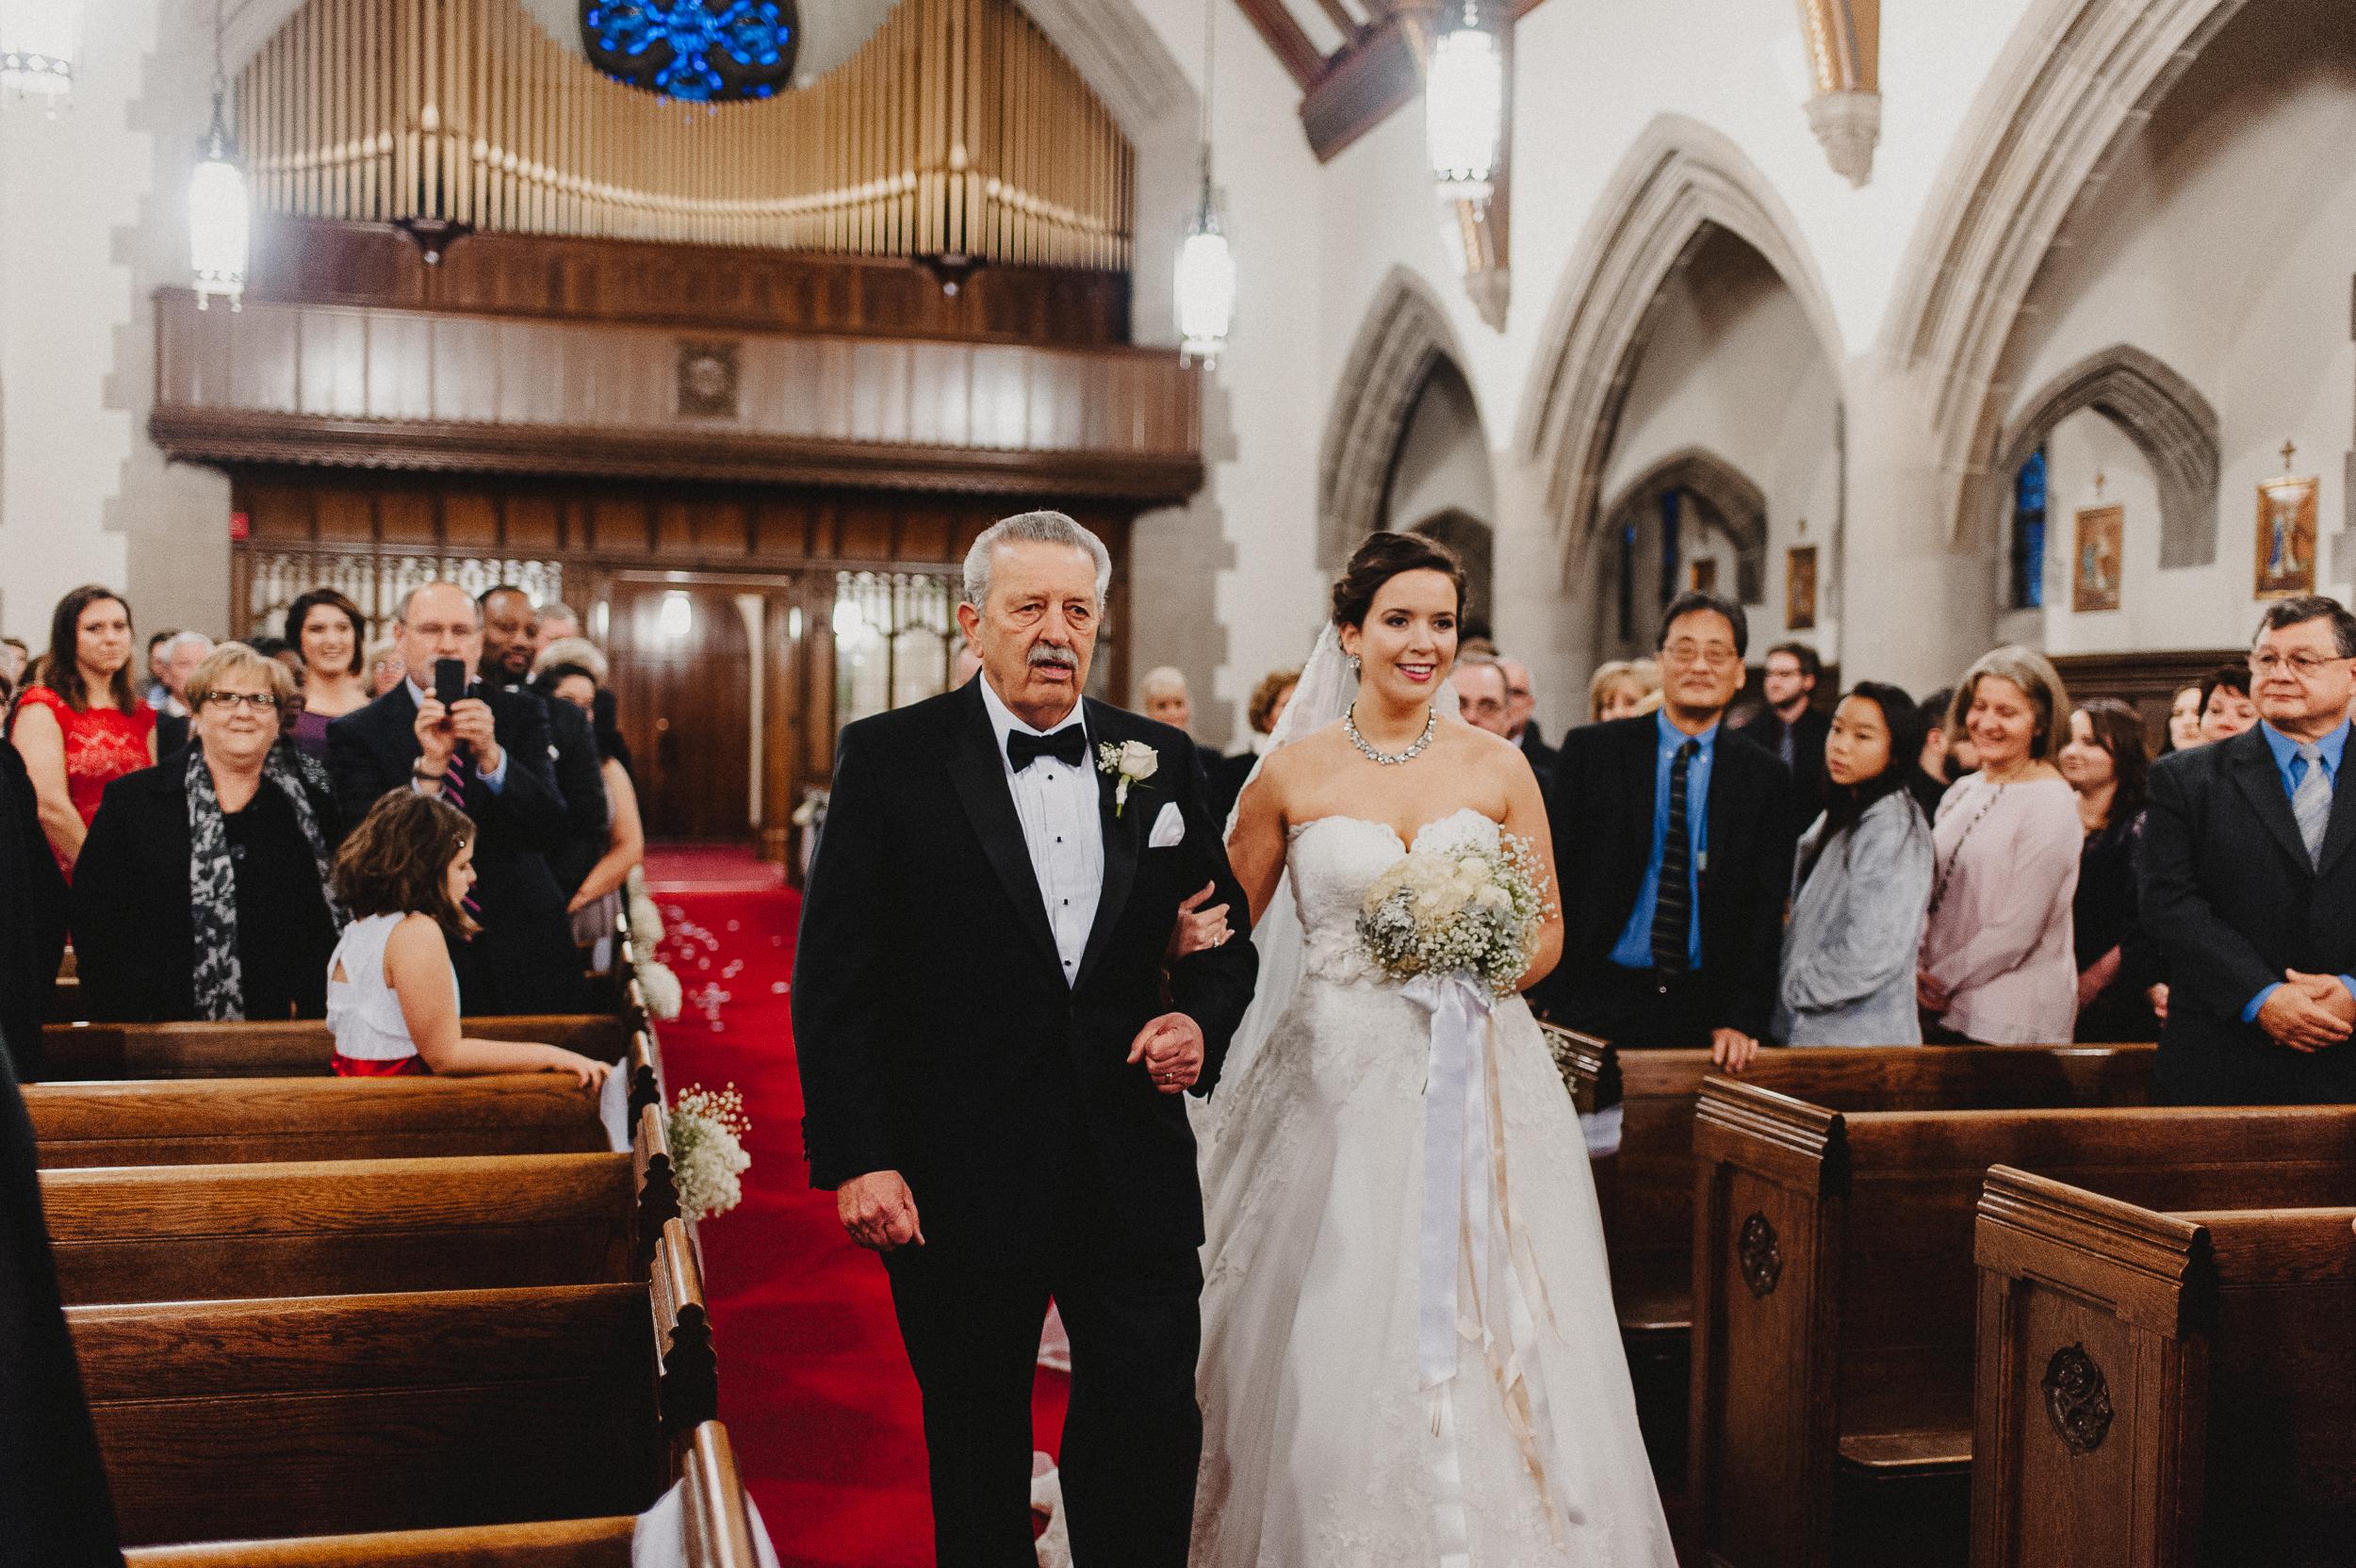 vermont-destination-wedding-photographer-41.jpg